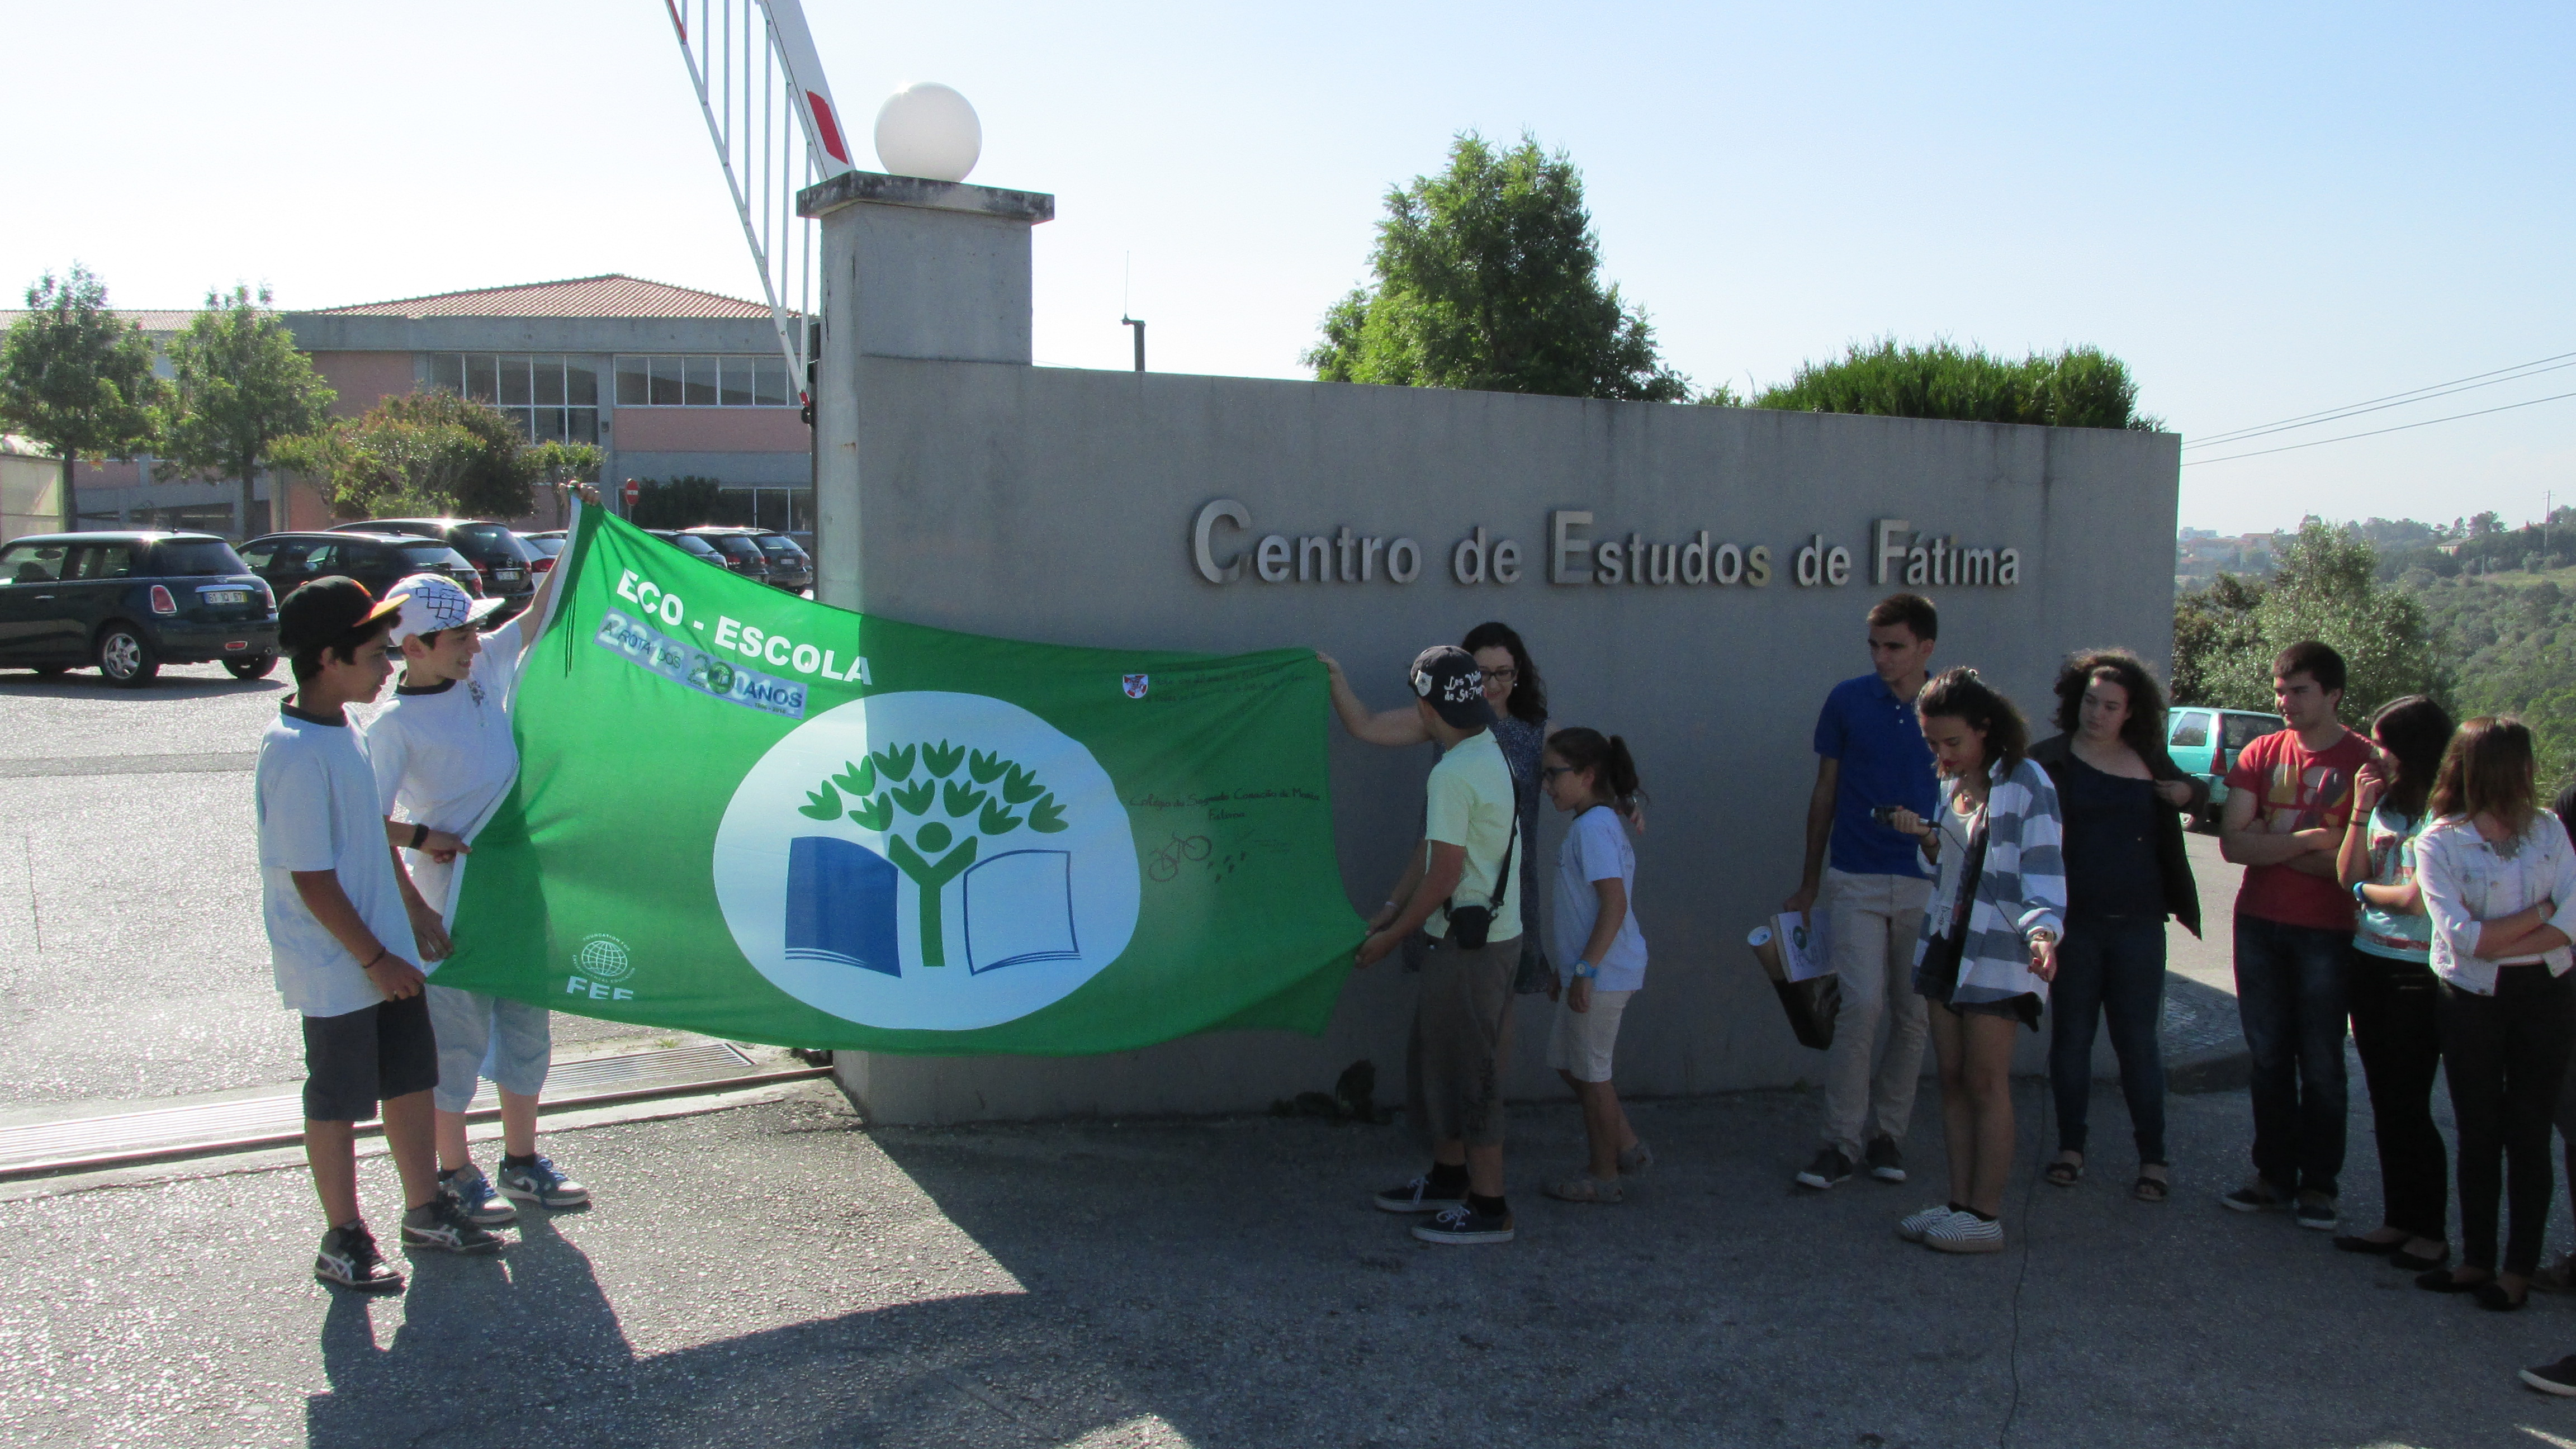 Centro de Estudo de Fátima